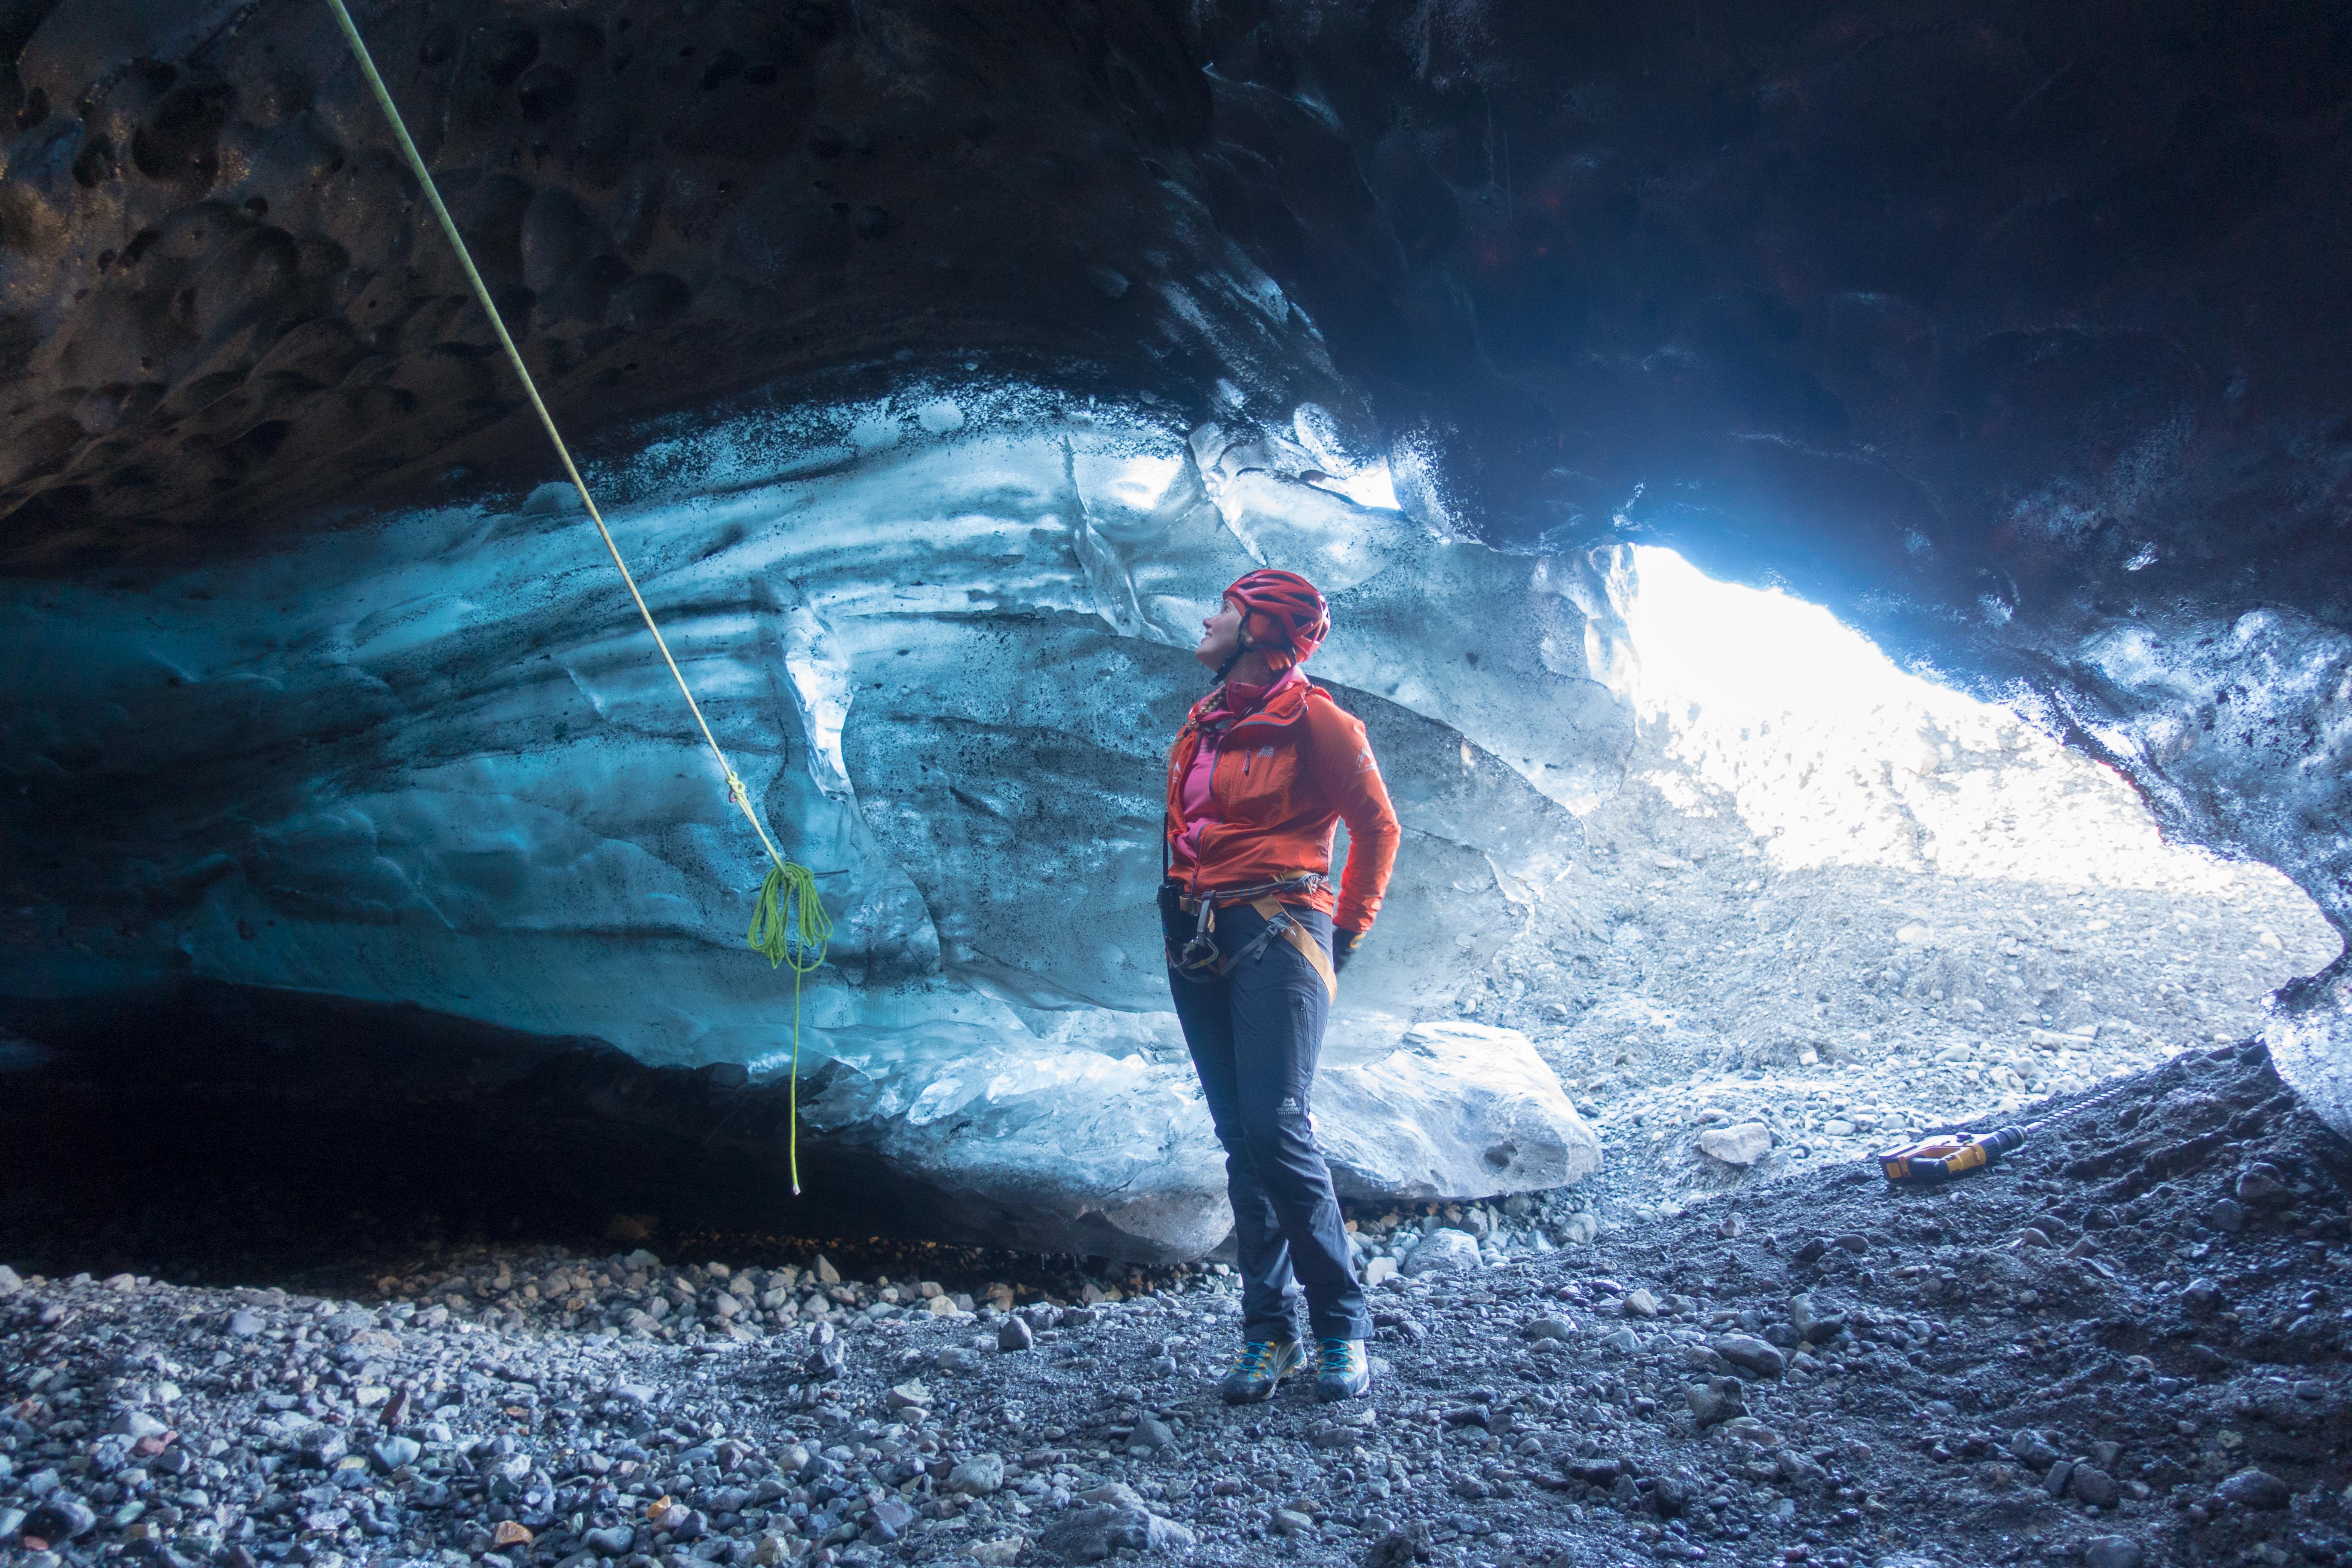 В этом туре из заповедника Скафтафетль вы увидите ледяную пещеру невероятной голубизны.